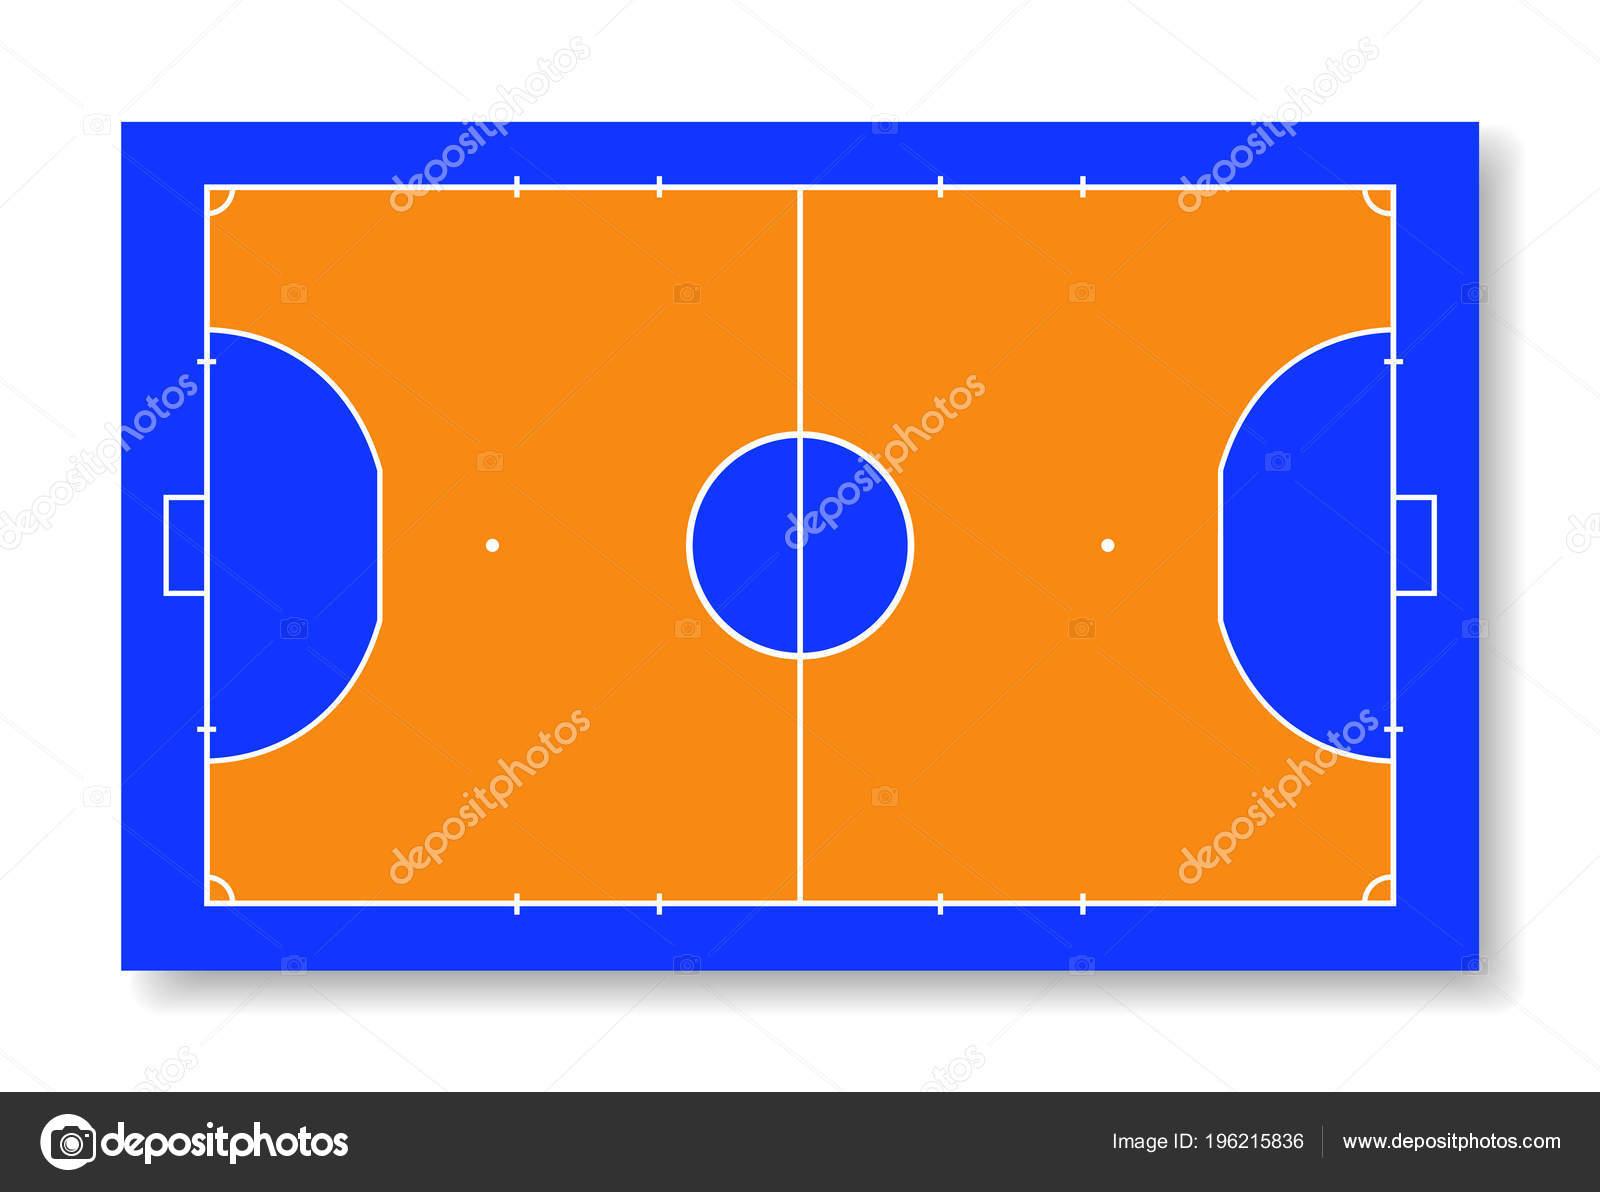 Futsal Campo Tribunal Ilustração Vetorial Vista Superior — Vetores de Stock 55a62127a787d